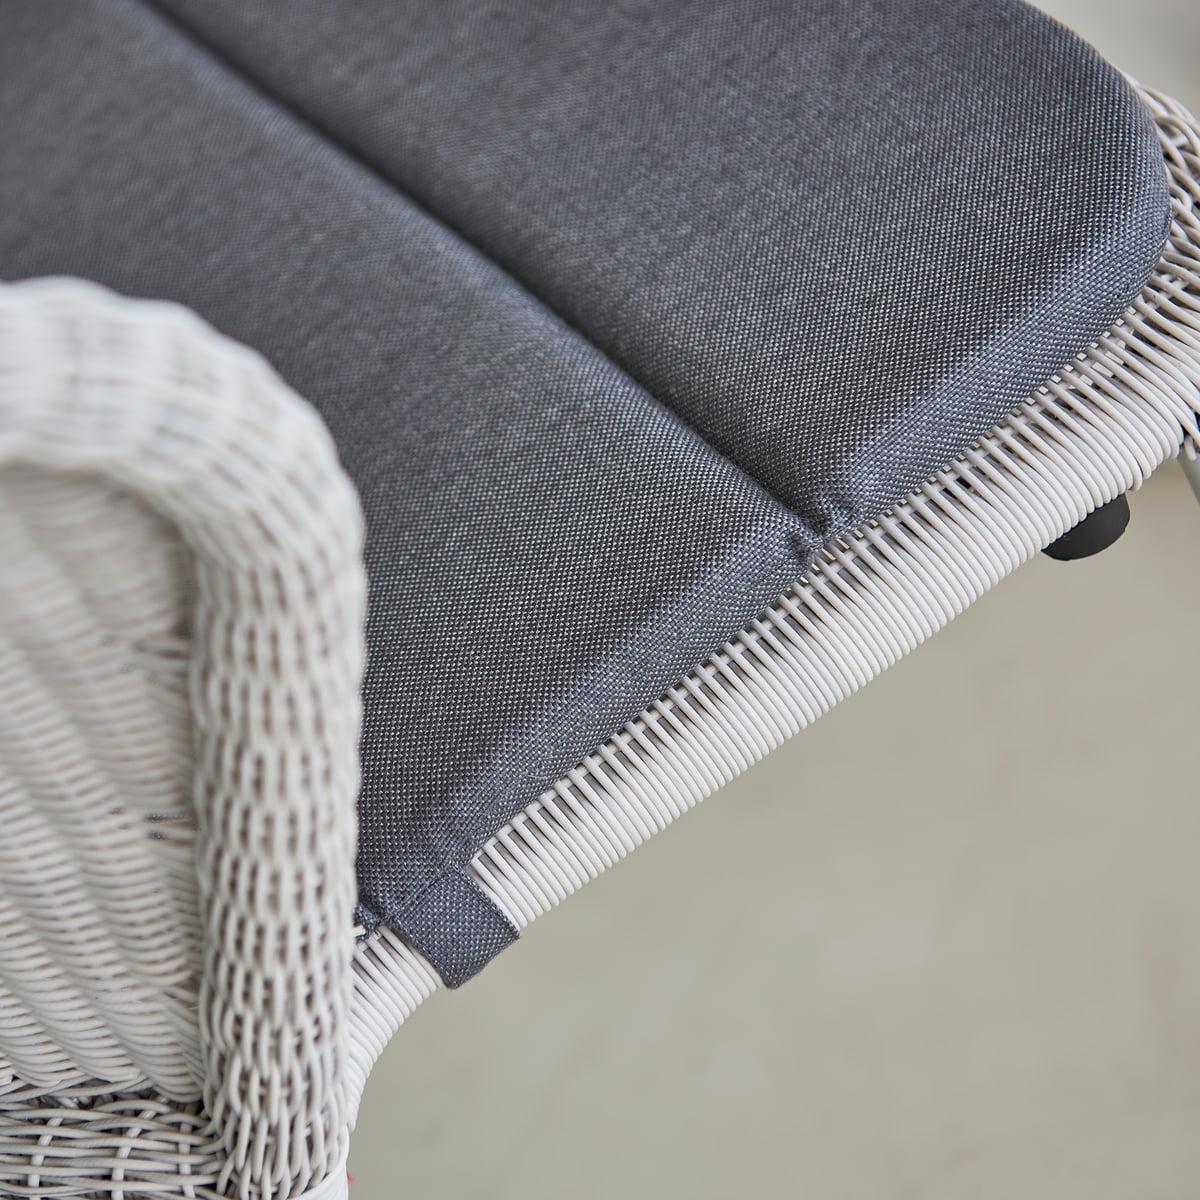 Cane line Sitzauflage für Lean Stuhl (5410), grau